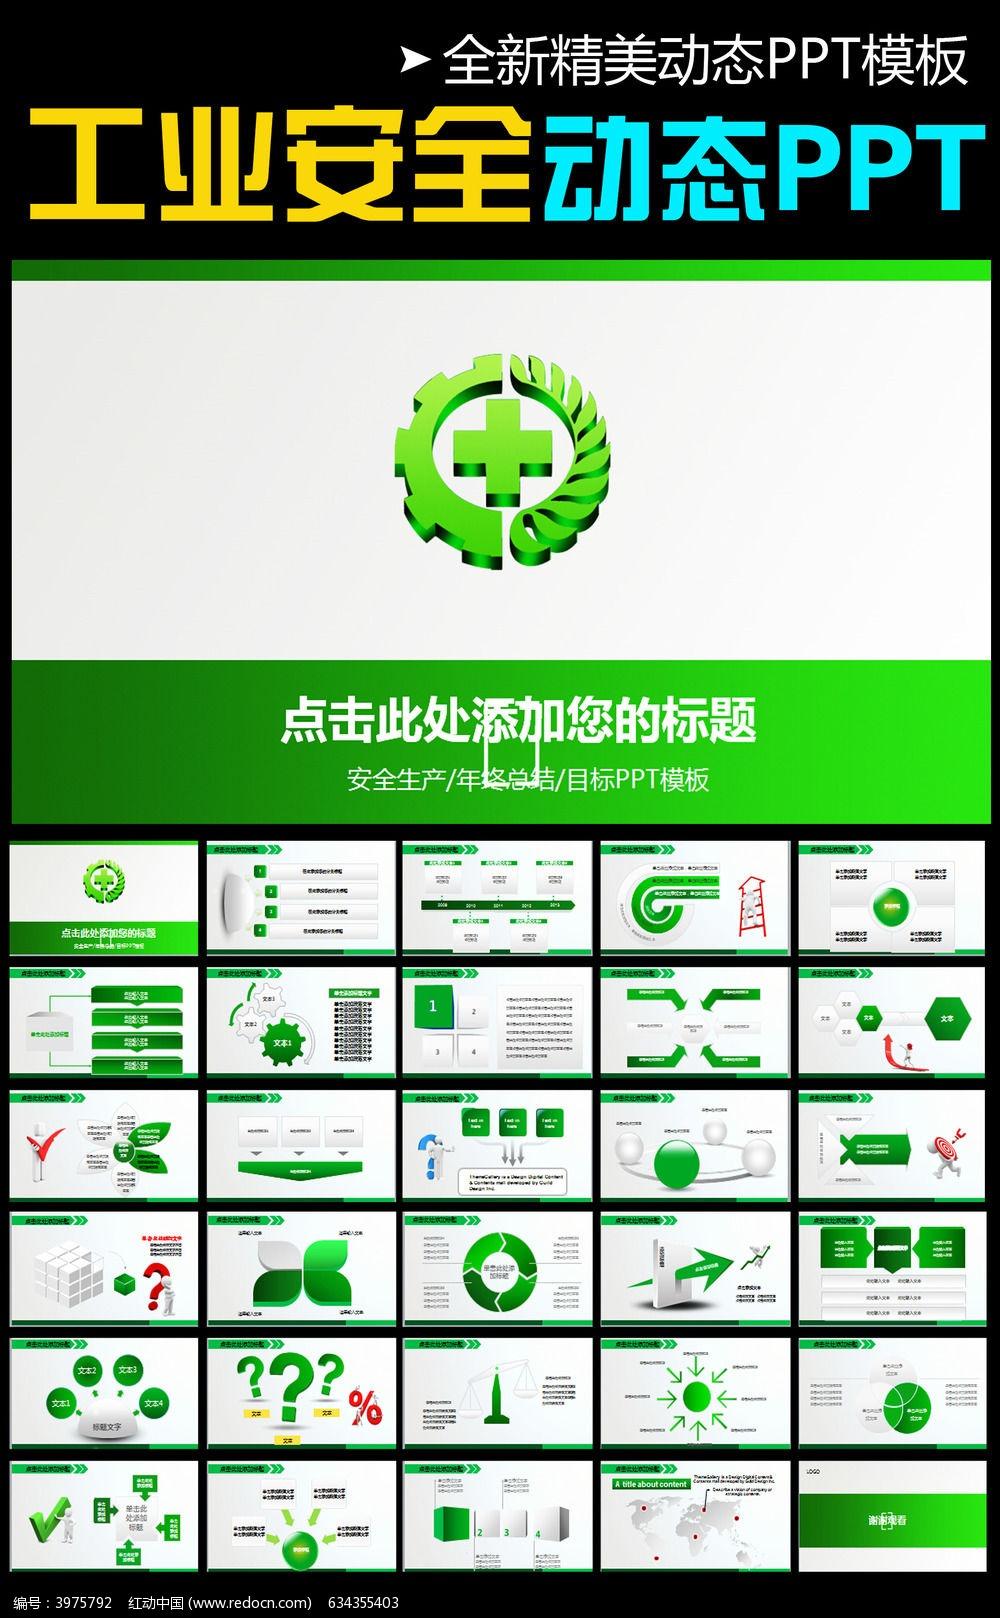 :绿色安监局 安全生产委员会 安全生产 安全第一 PPT PPT模板 PPT